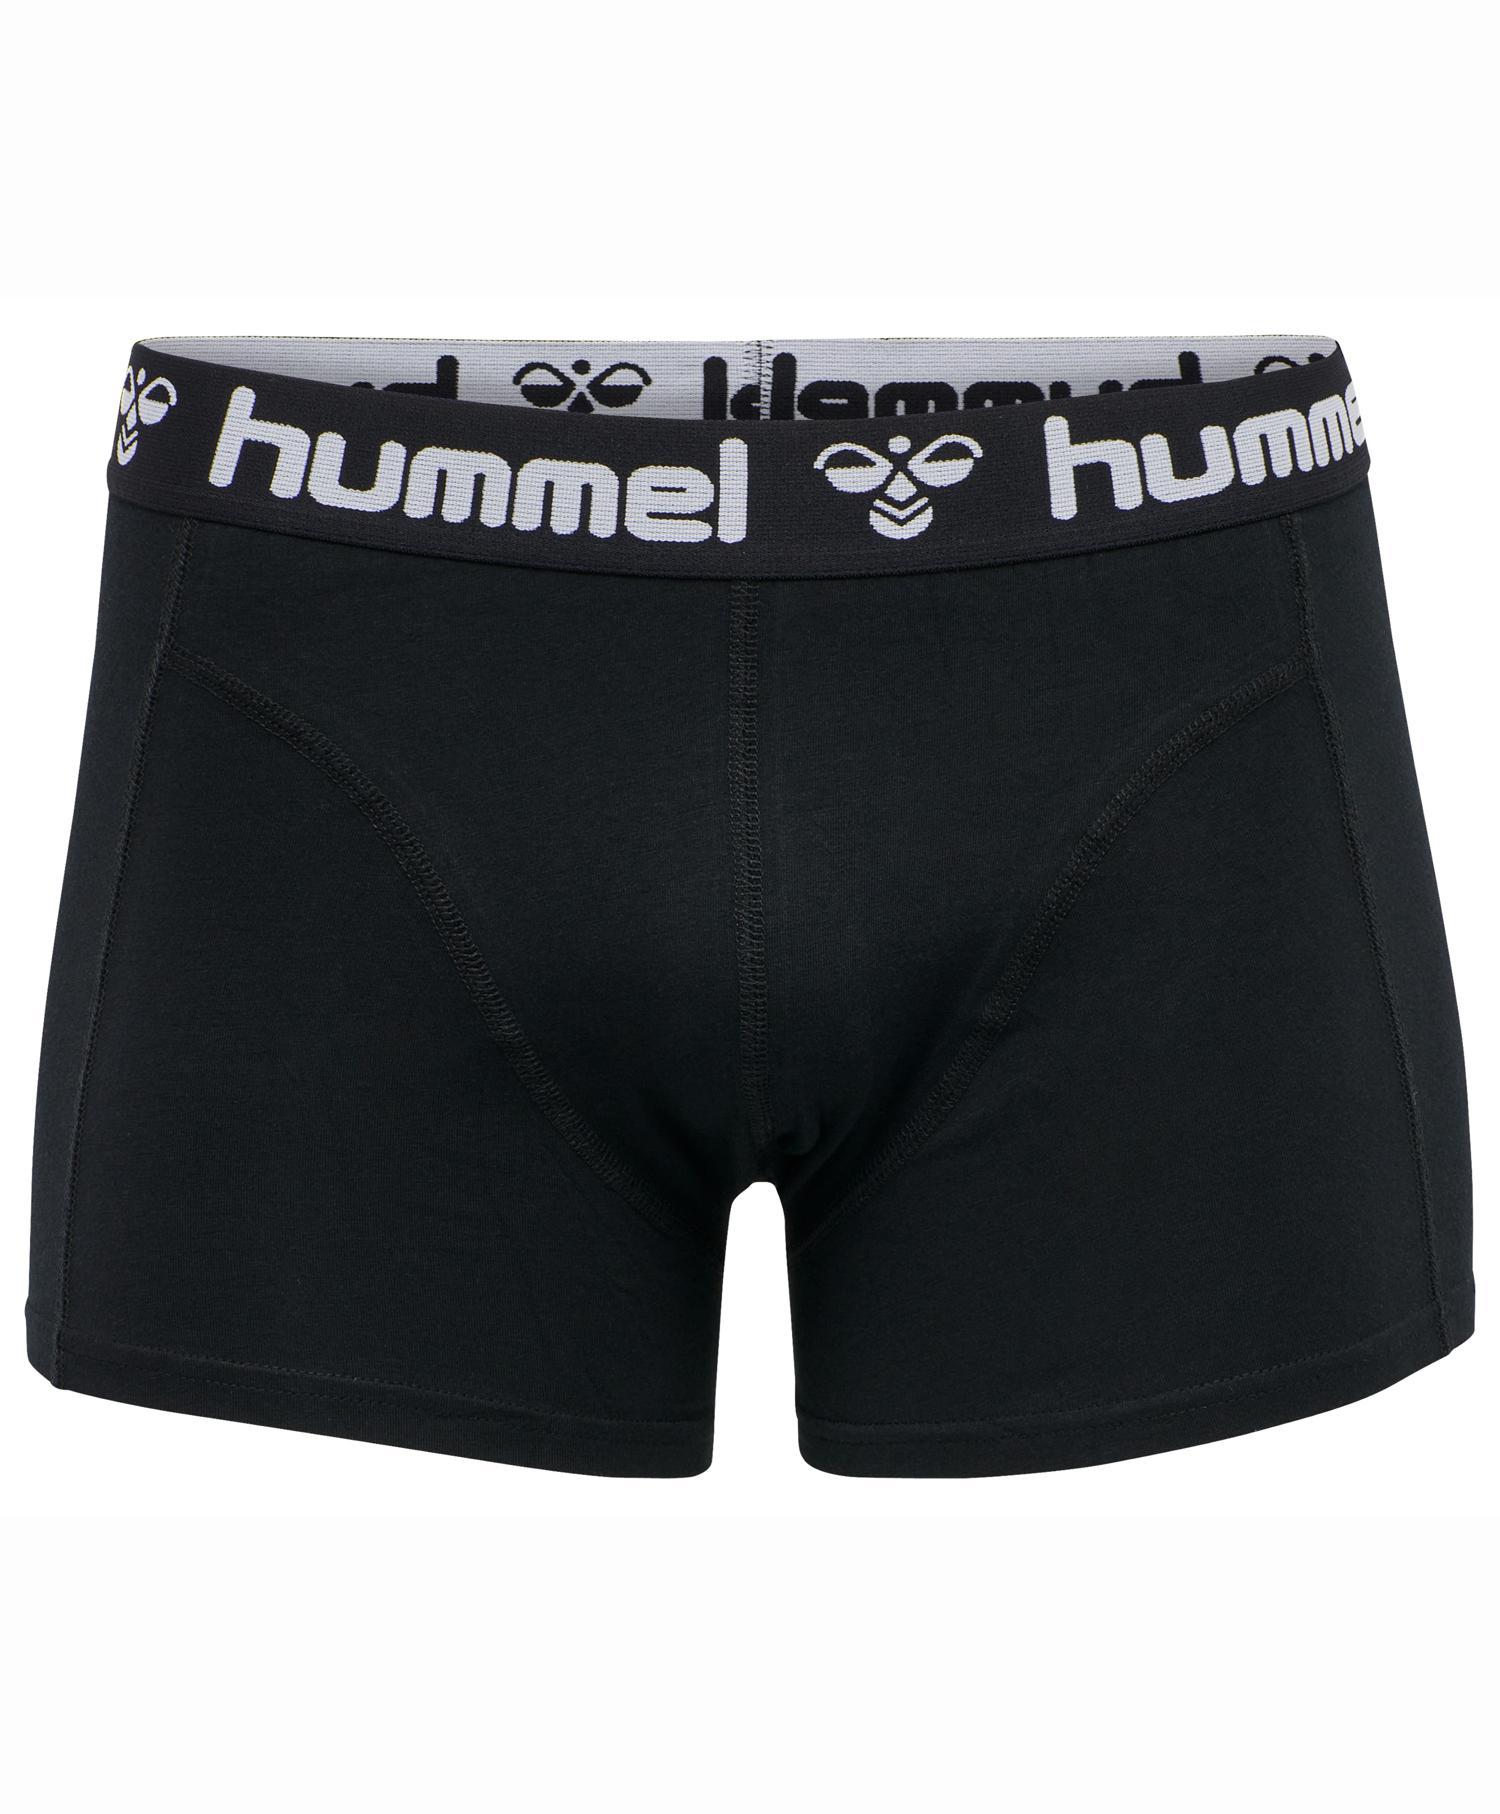 Hummel 2-pk Boxershorts